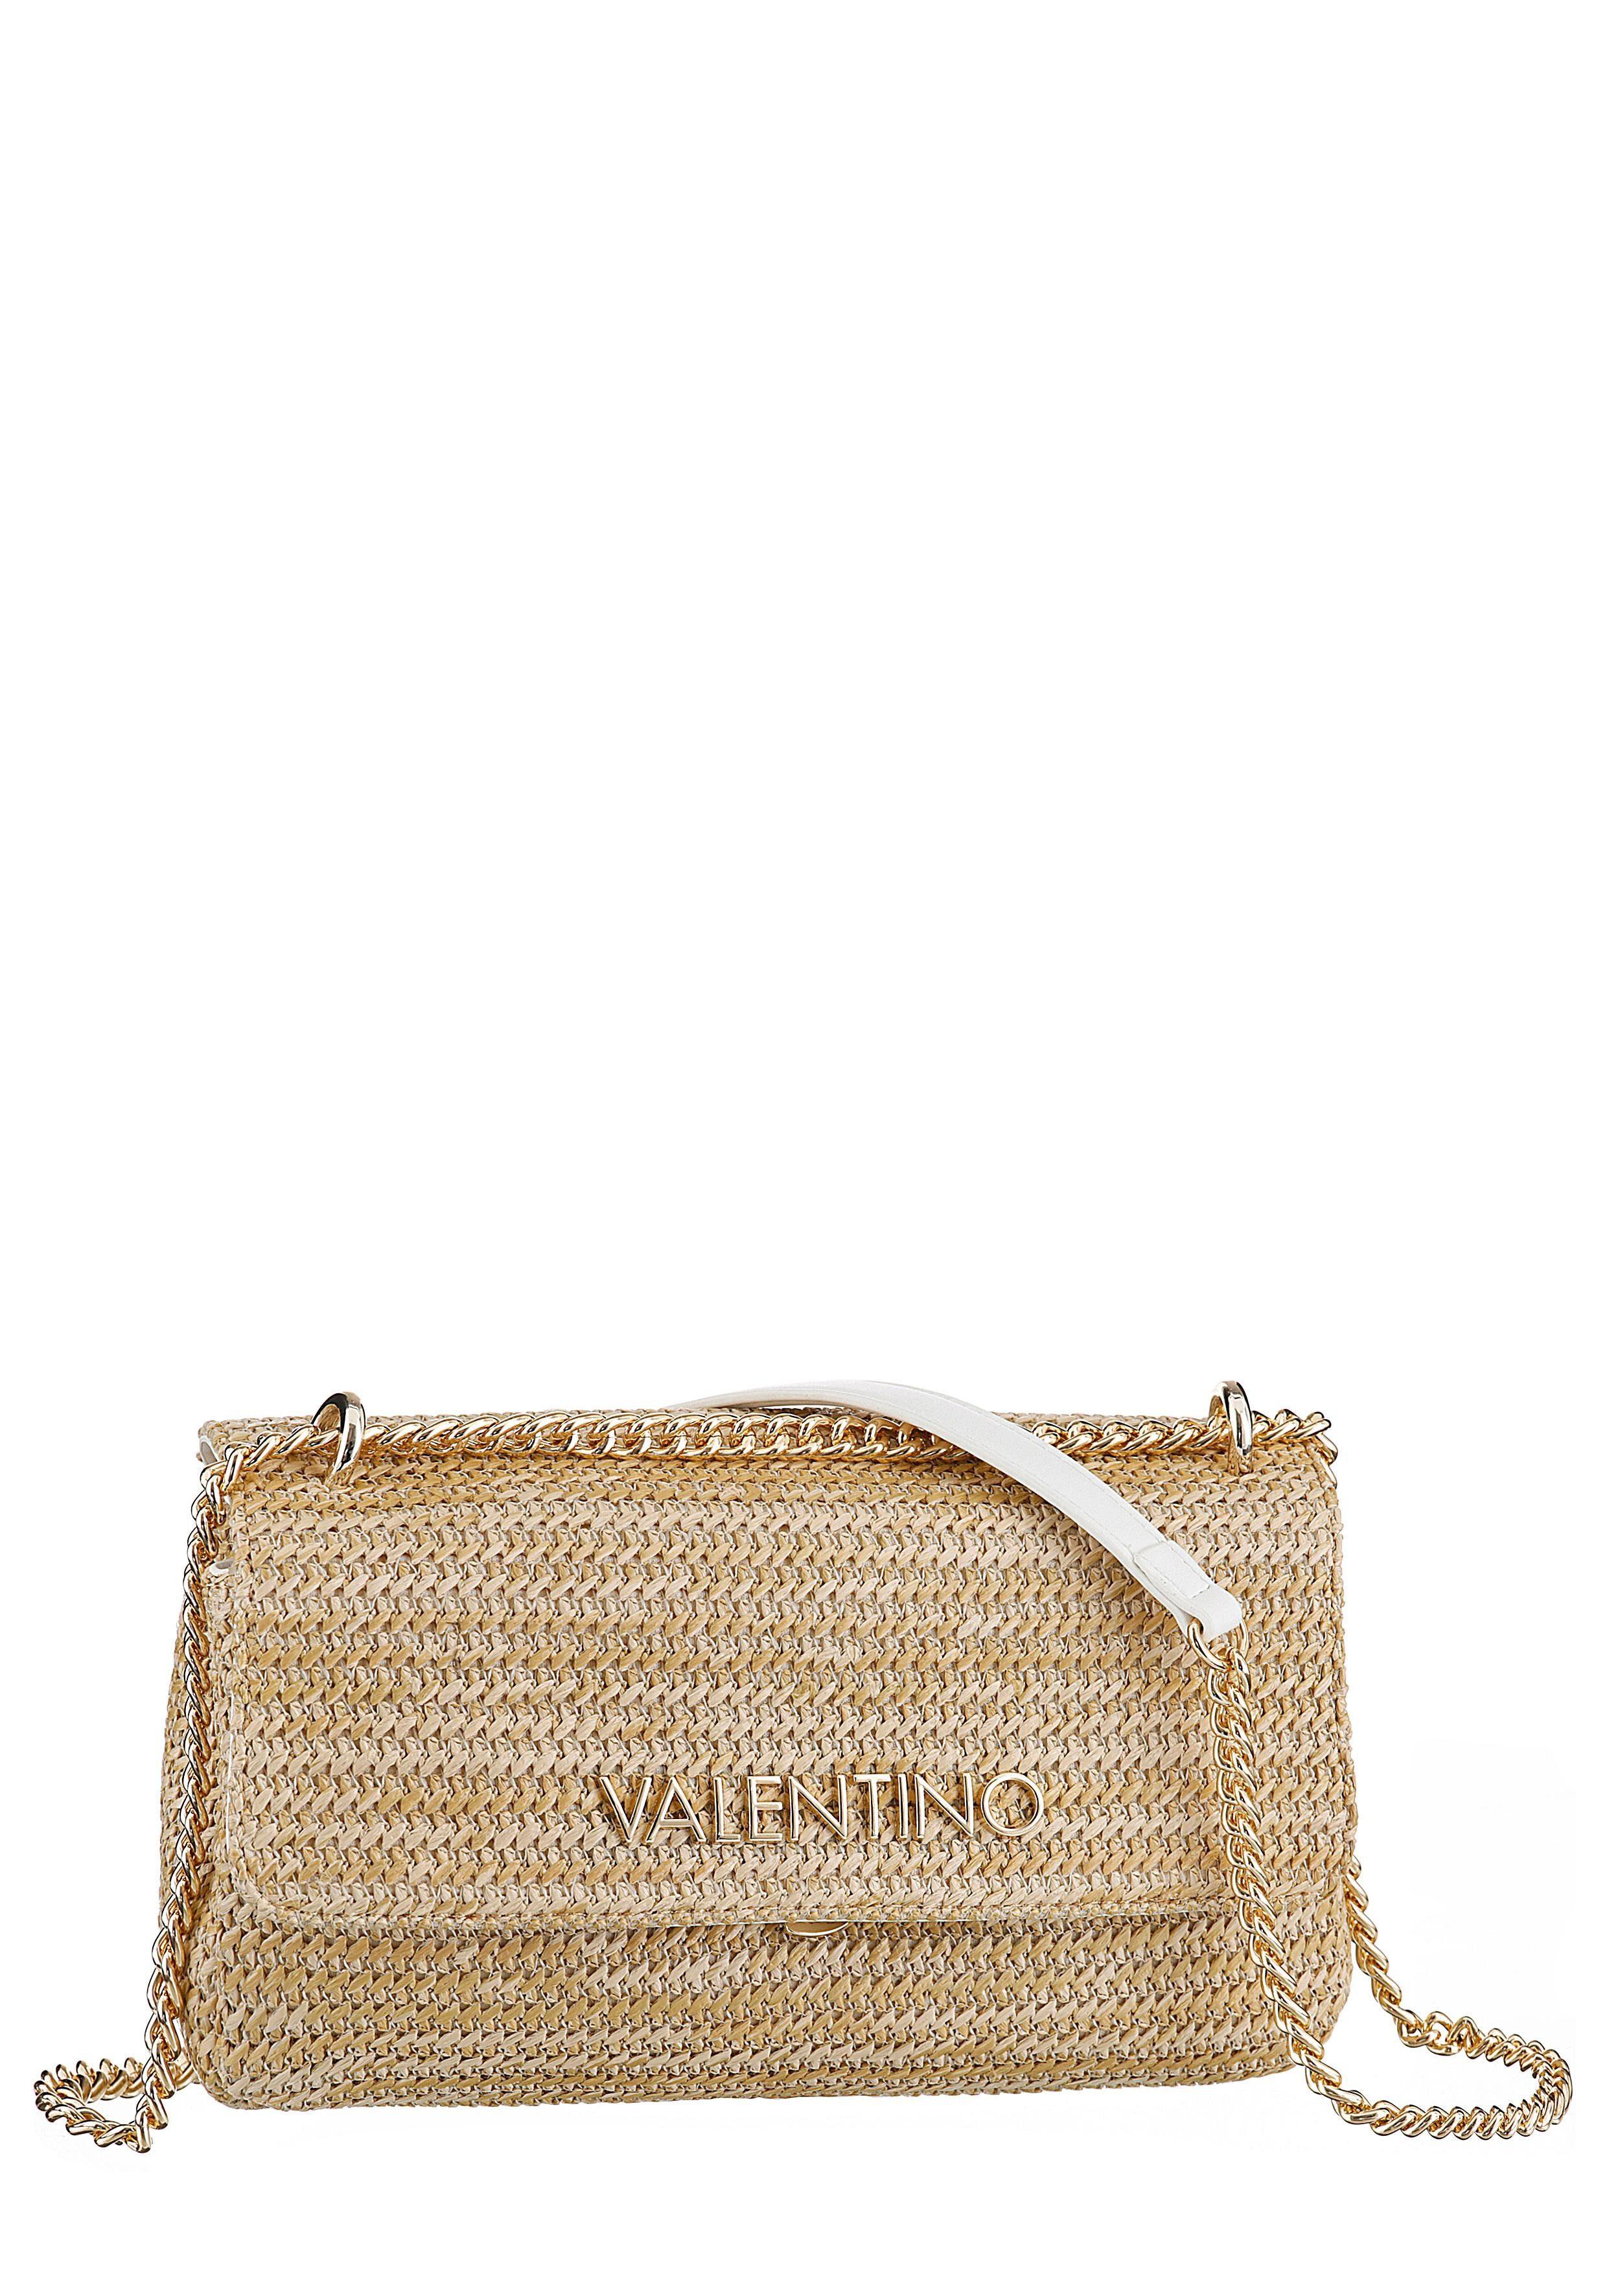 Valentino handbags Umhängetasche »ANDRINA«, mit goldfarbenen Details und schicker Umhämgekette